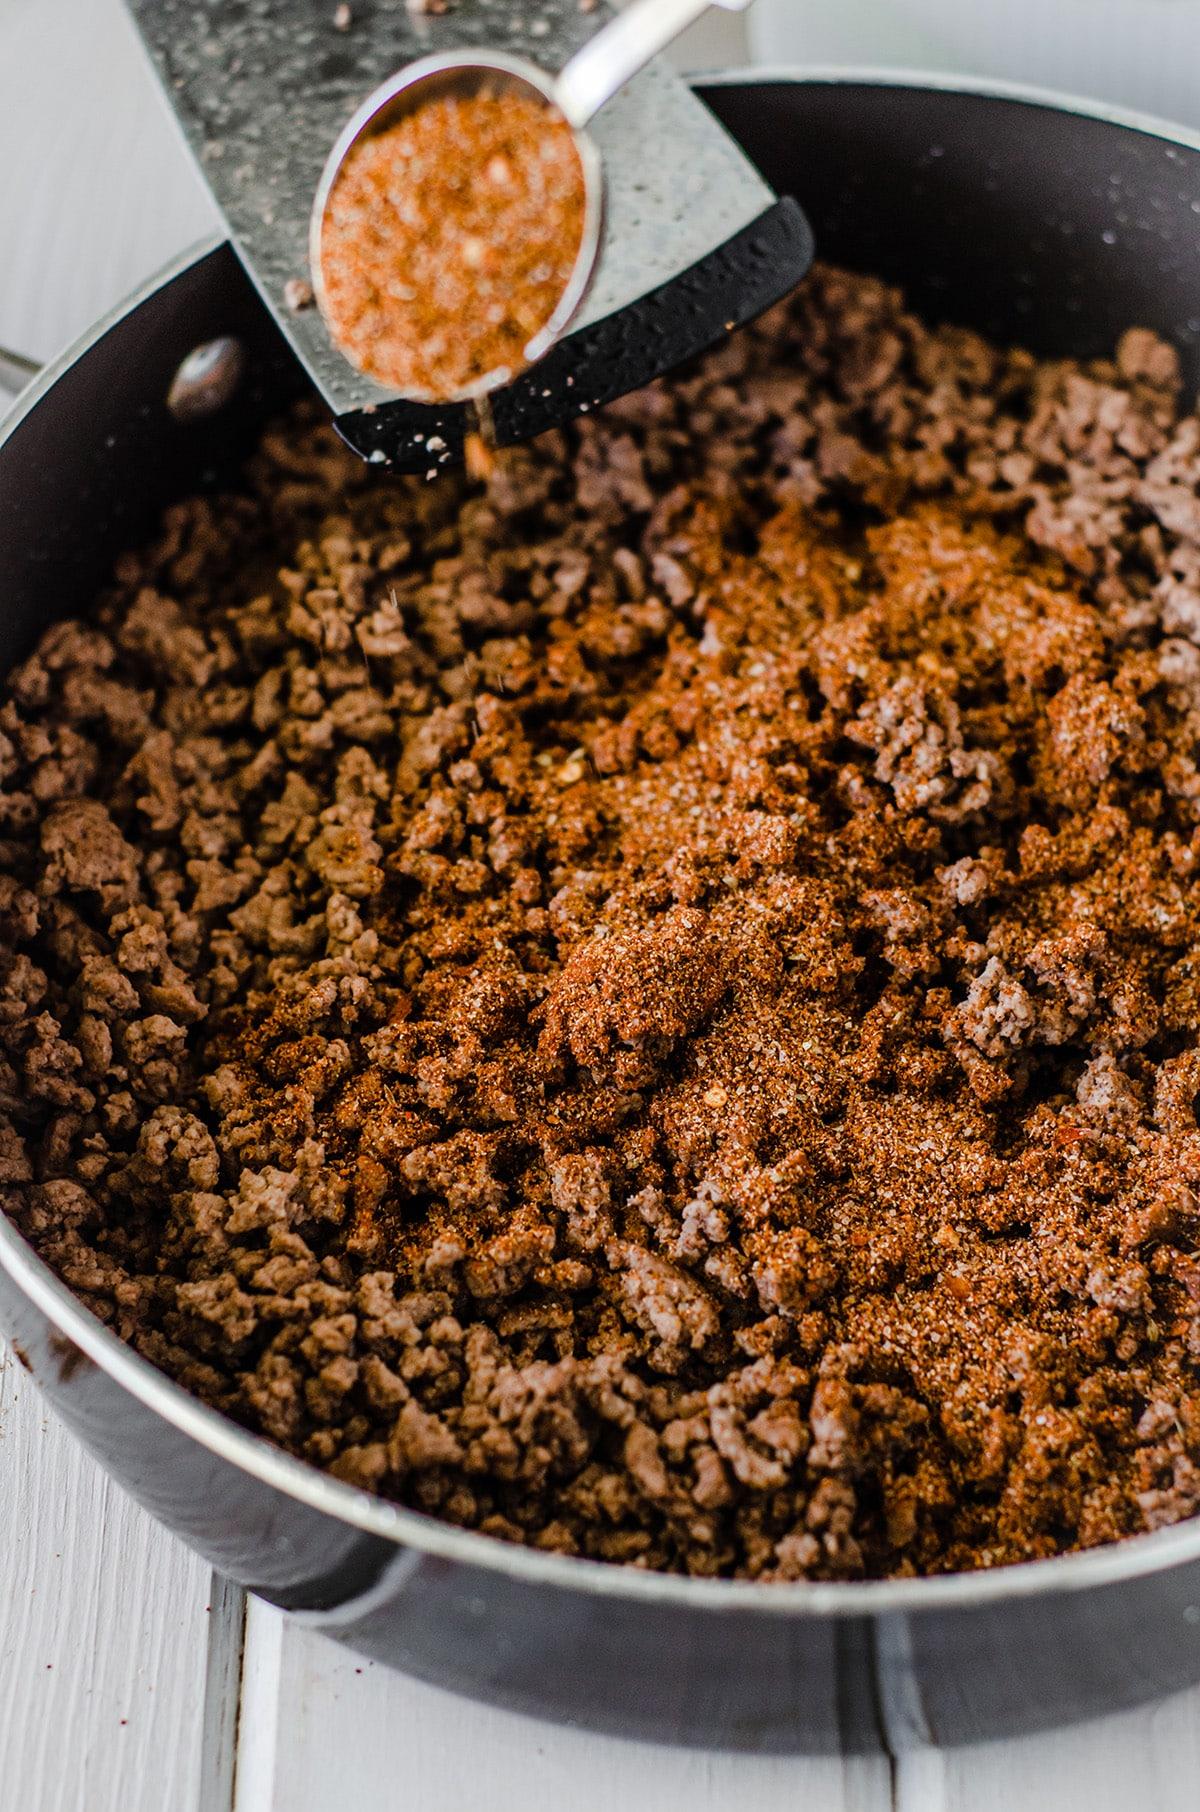 sprinkling homemade taco seasoning on browned meat